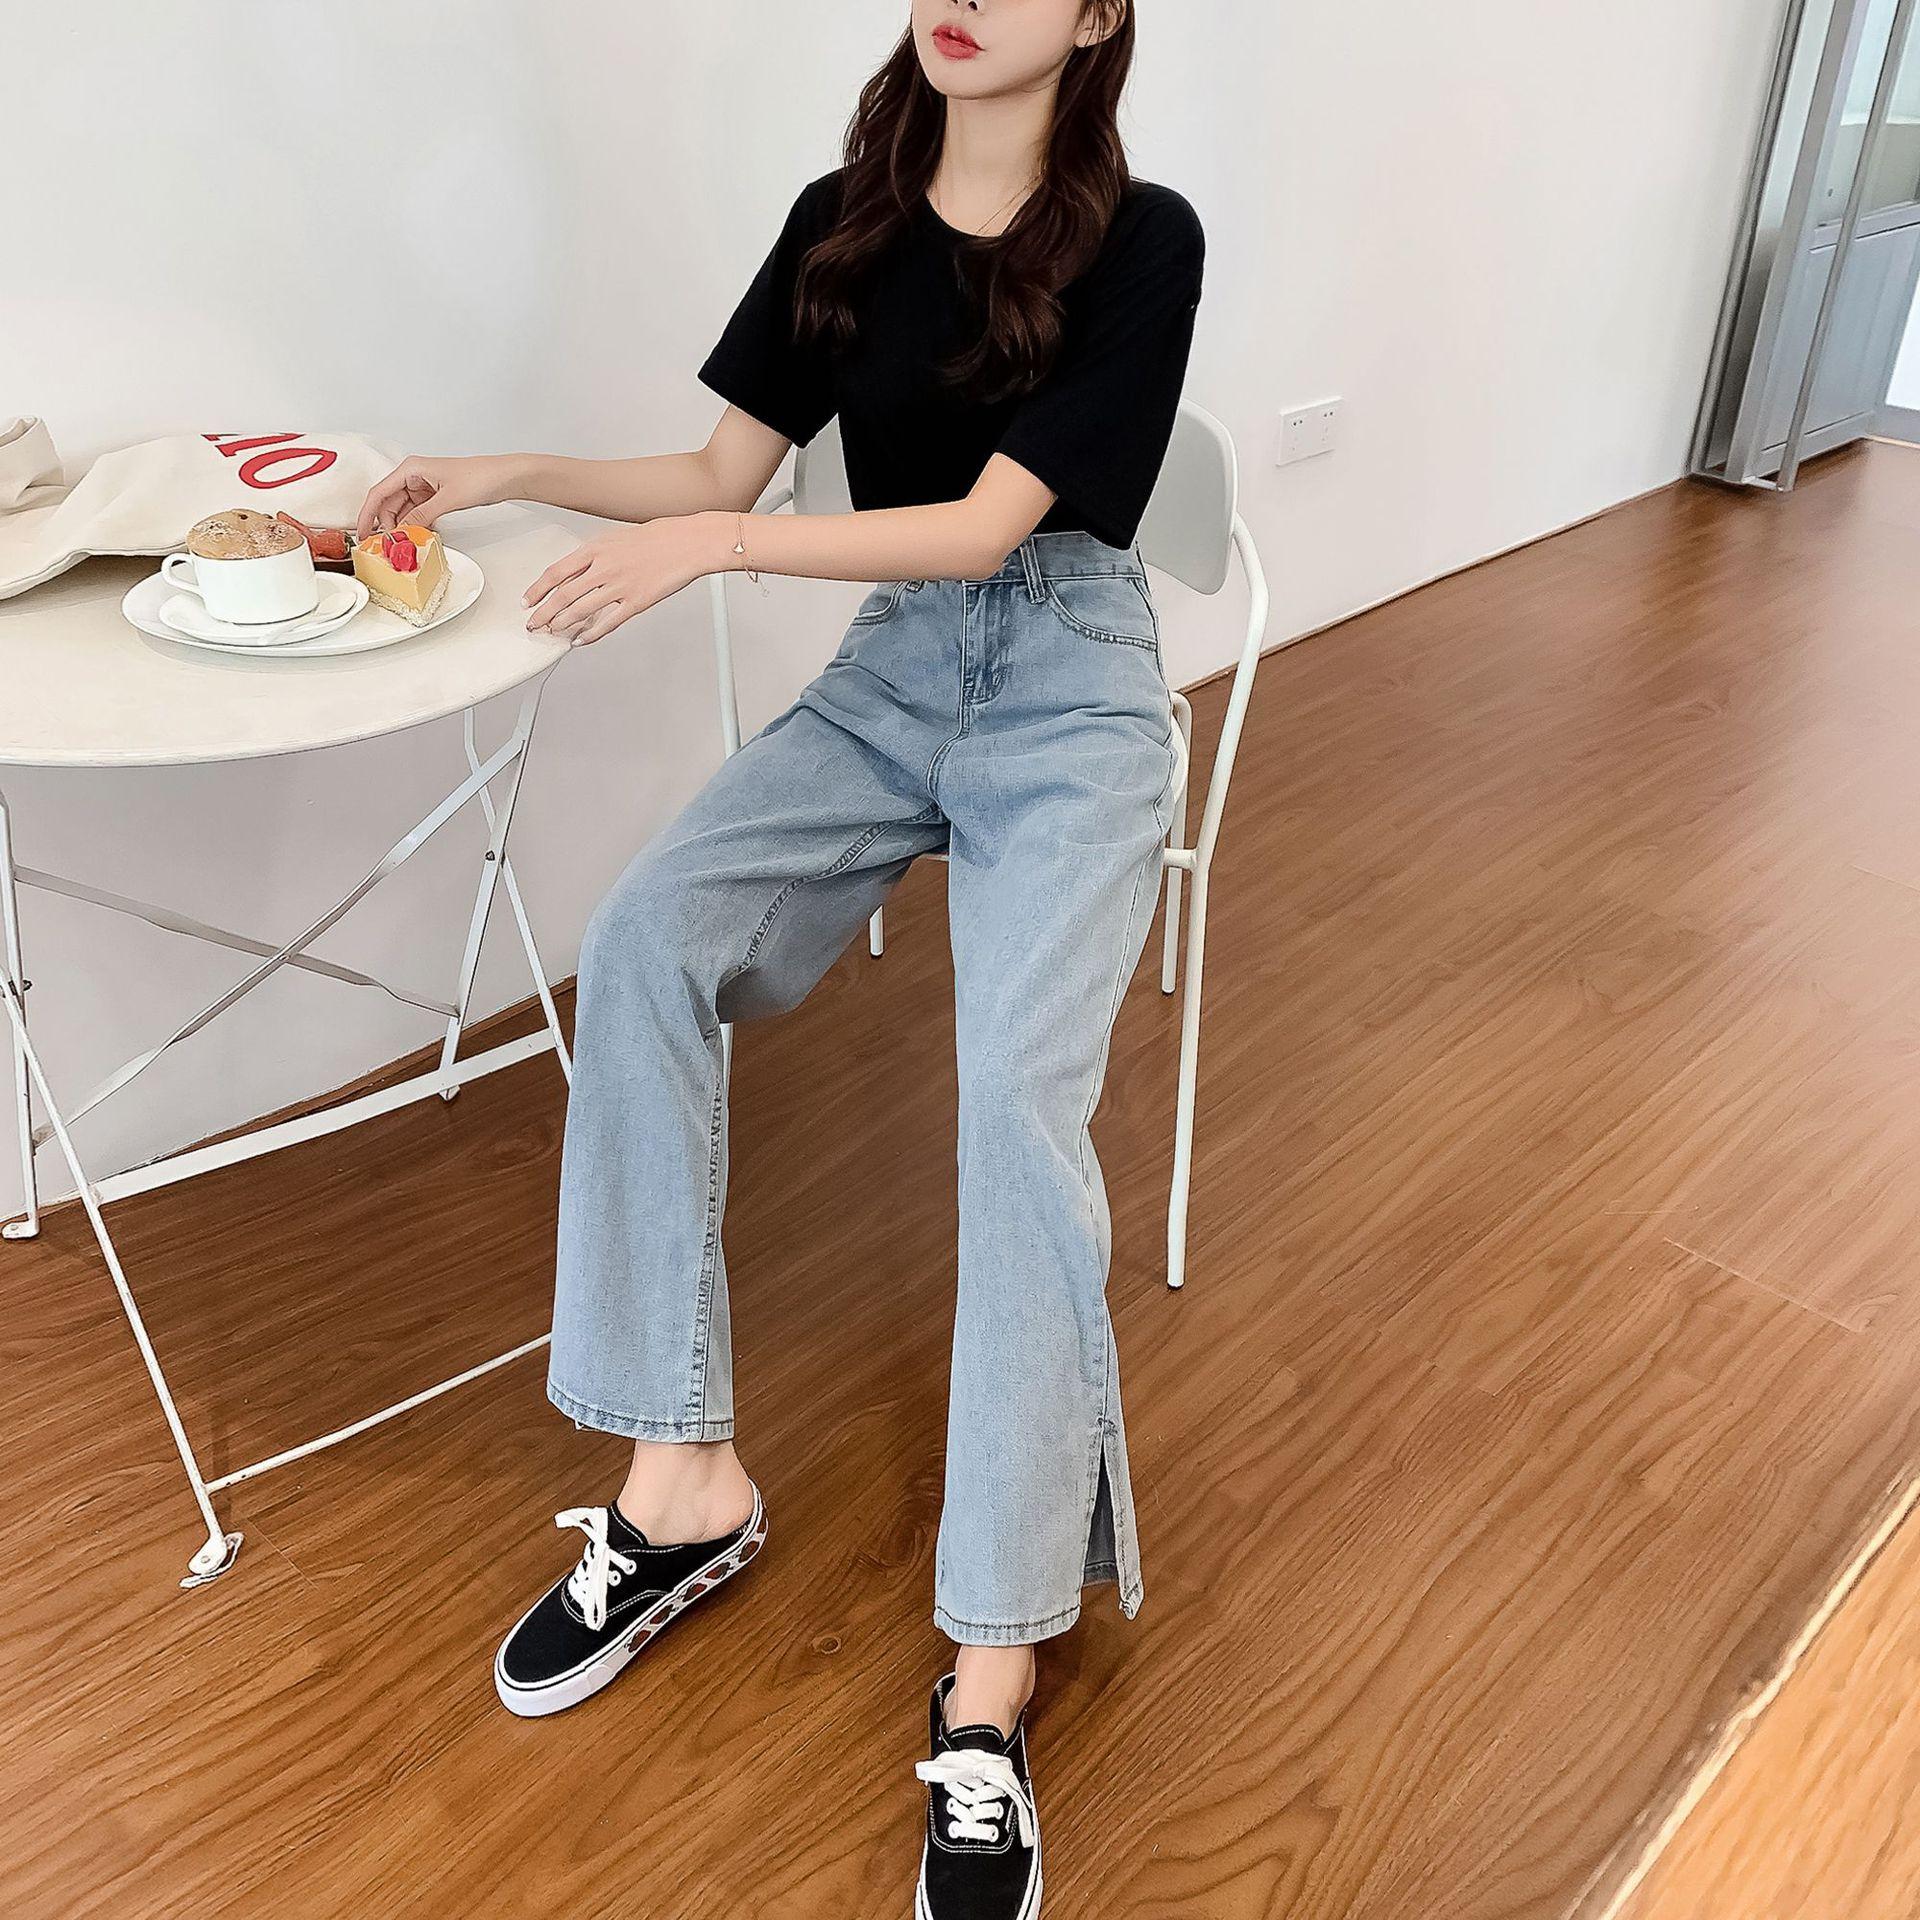 GoneGoing 2020 Summer Women High Split Denim Pants Straight Wide Leg Plus Size Full Length Jeans 070706 3